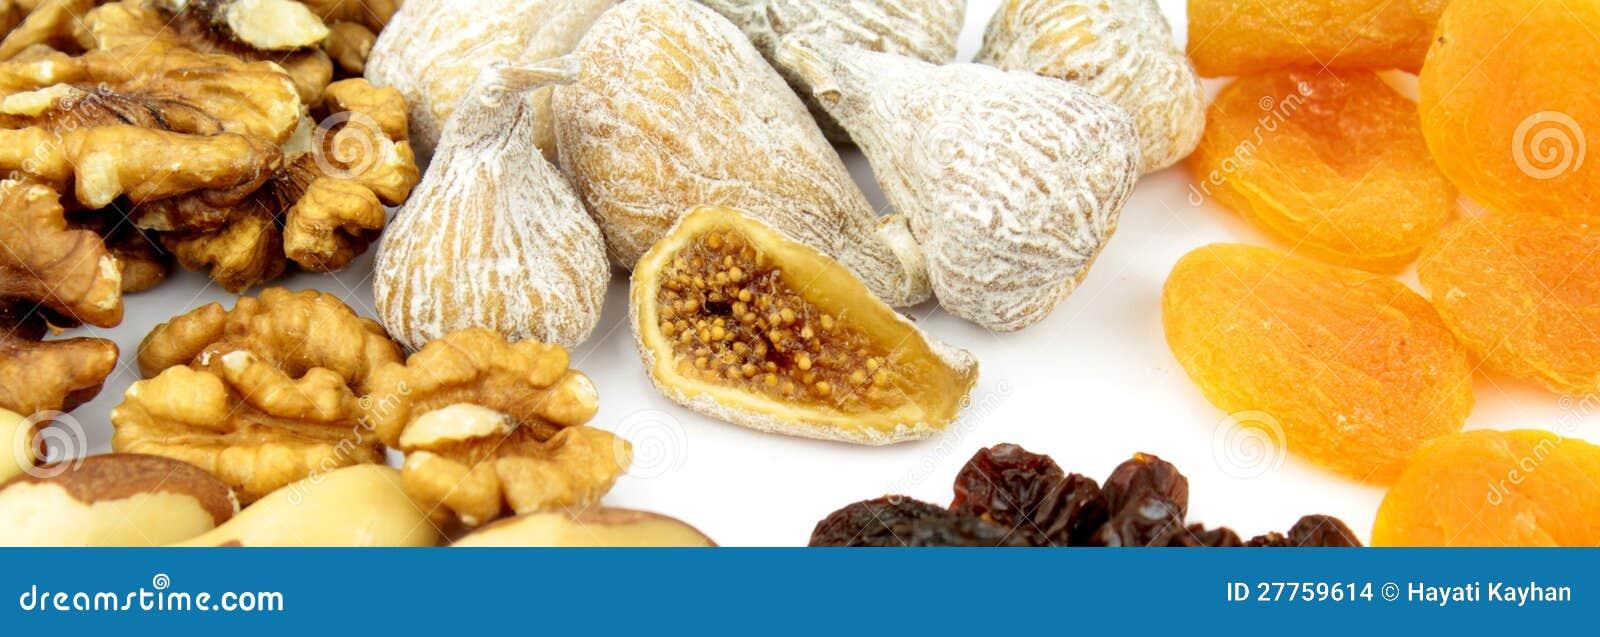 Fruits Nuts et secs